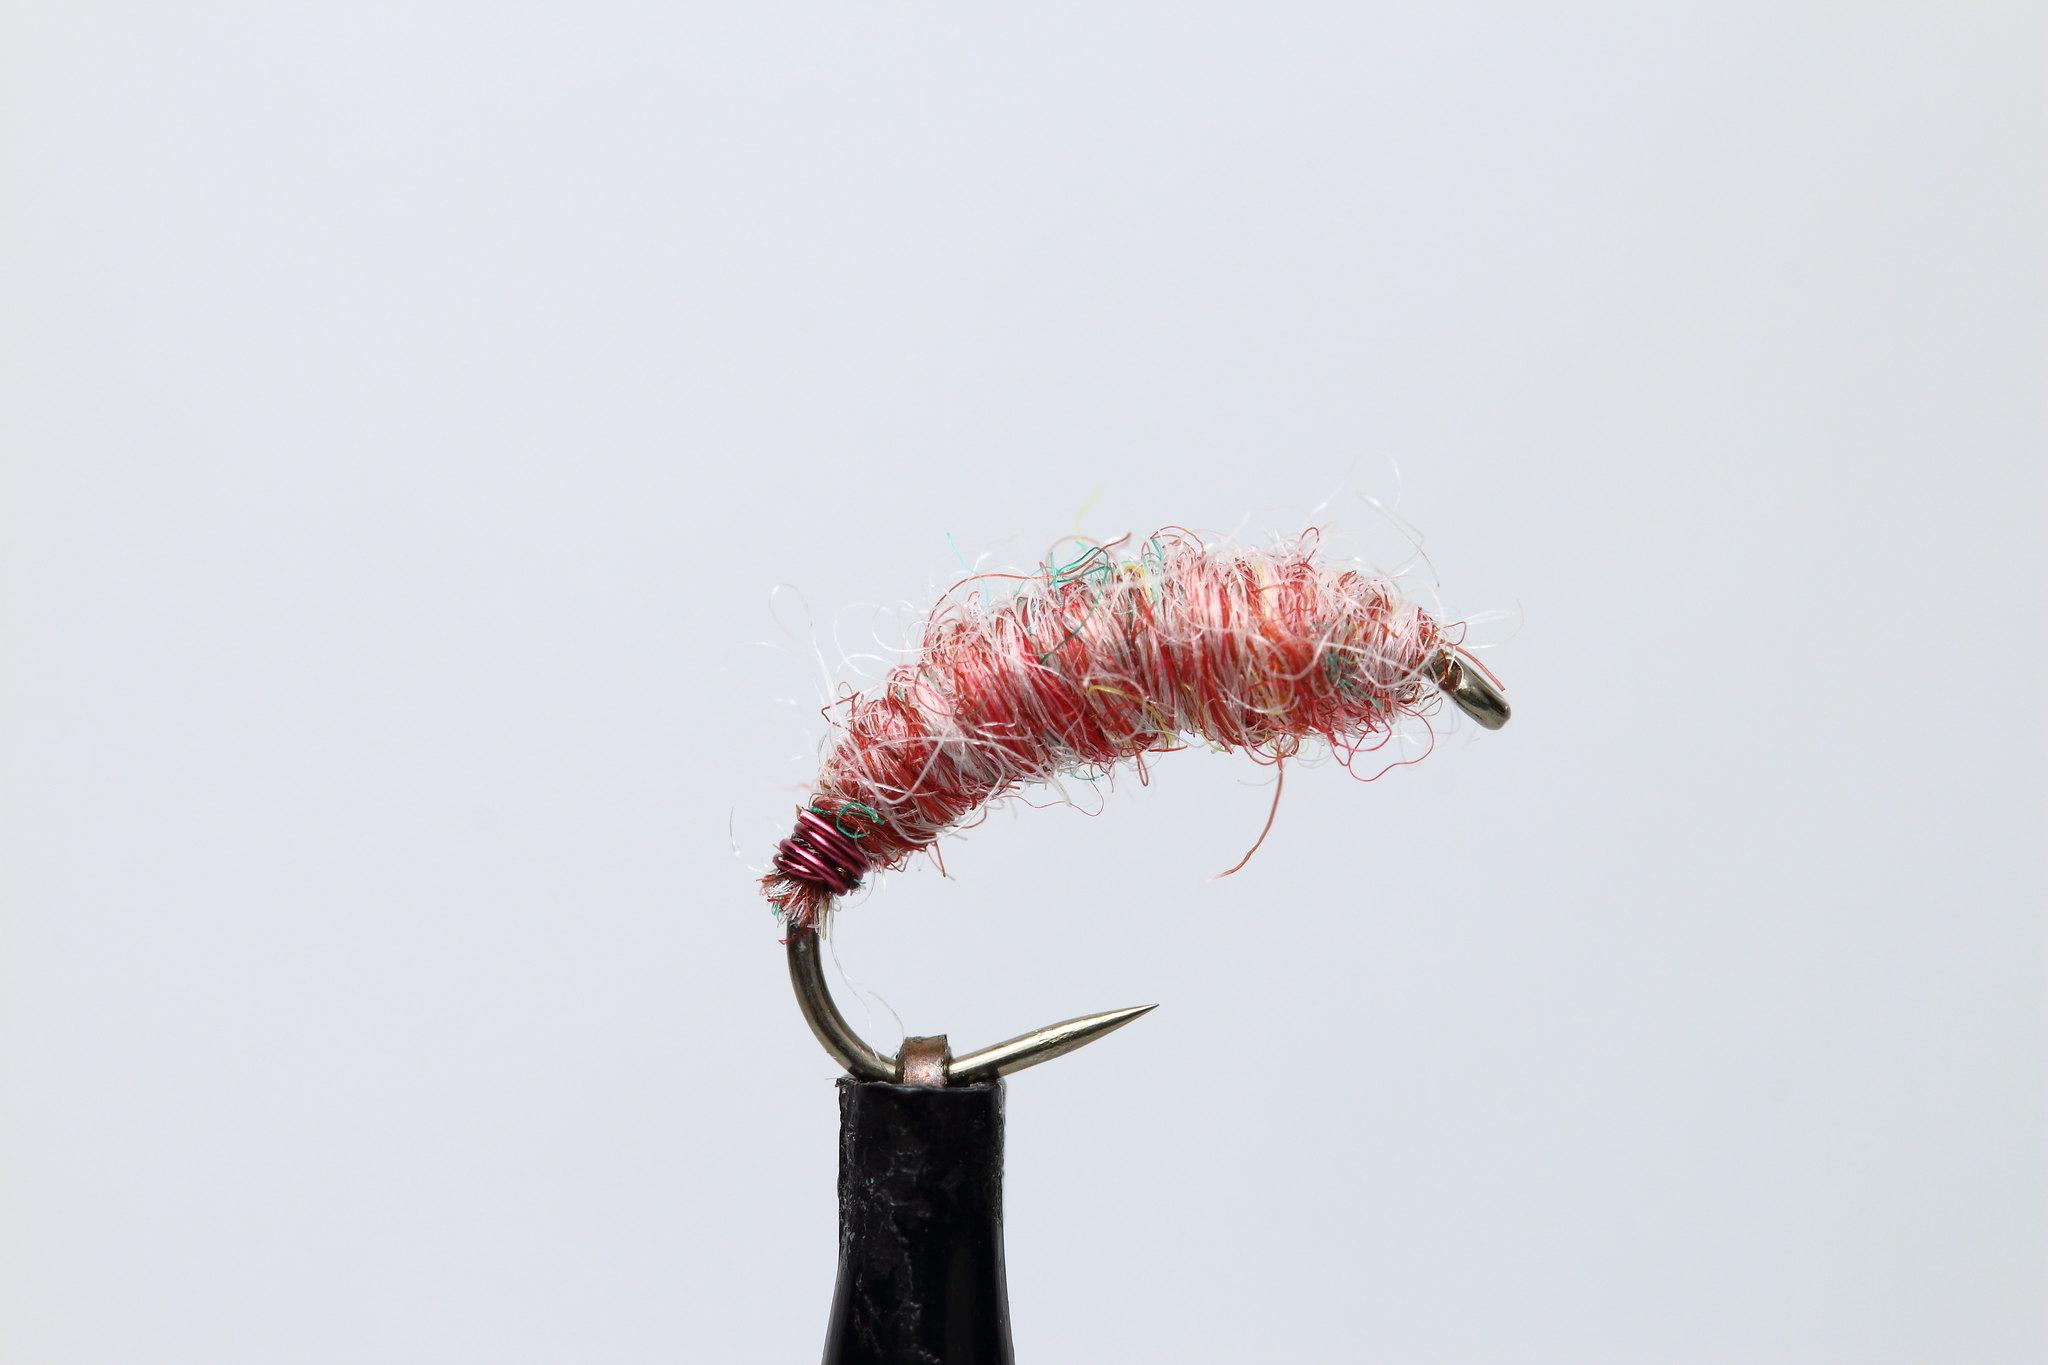 Utah Killer Bug - Pink